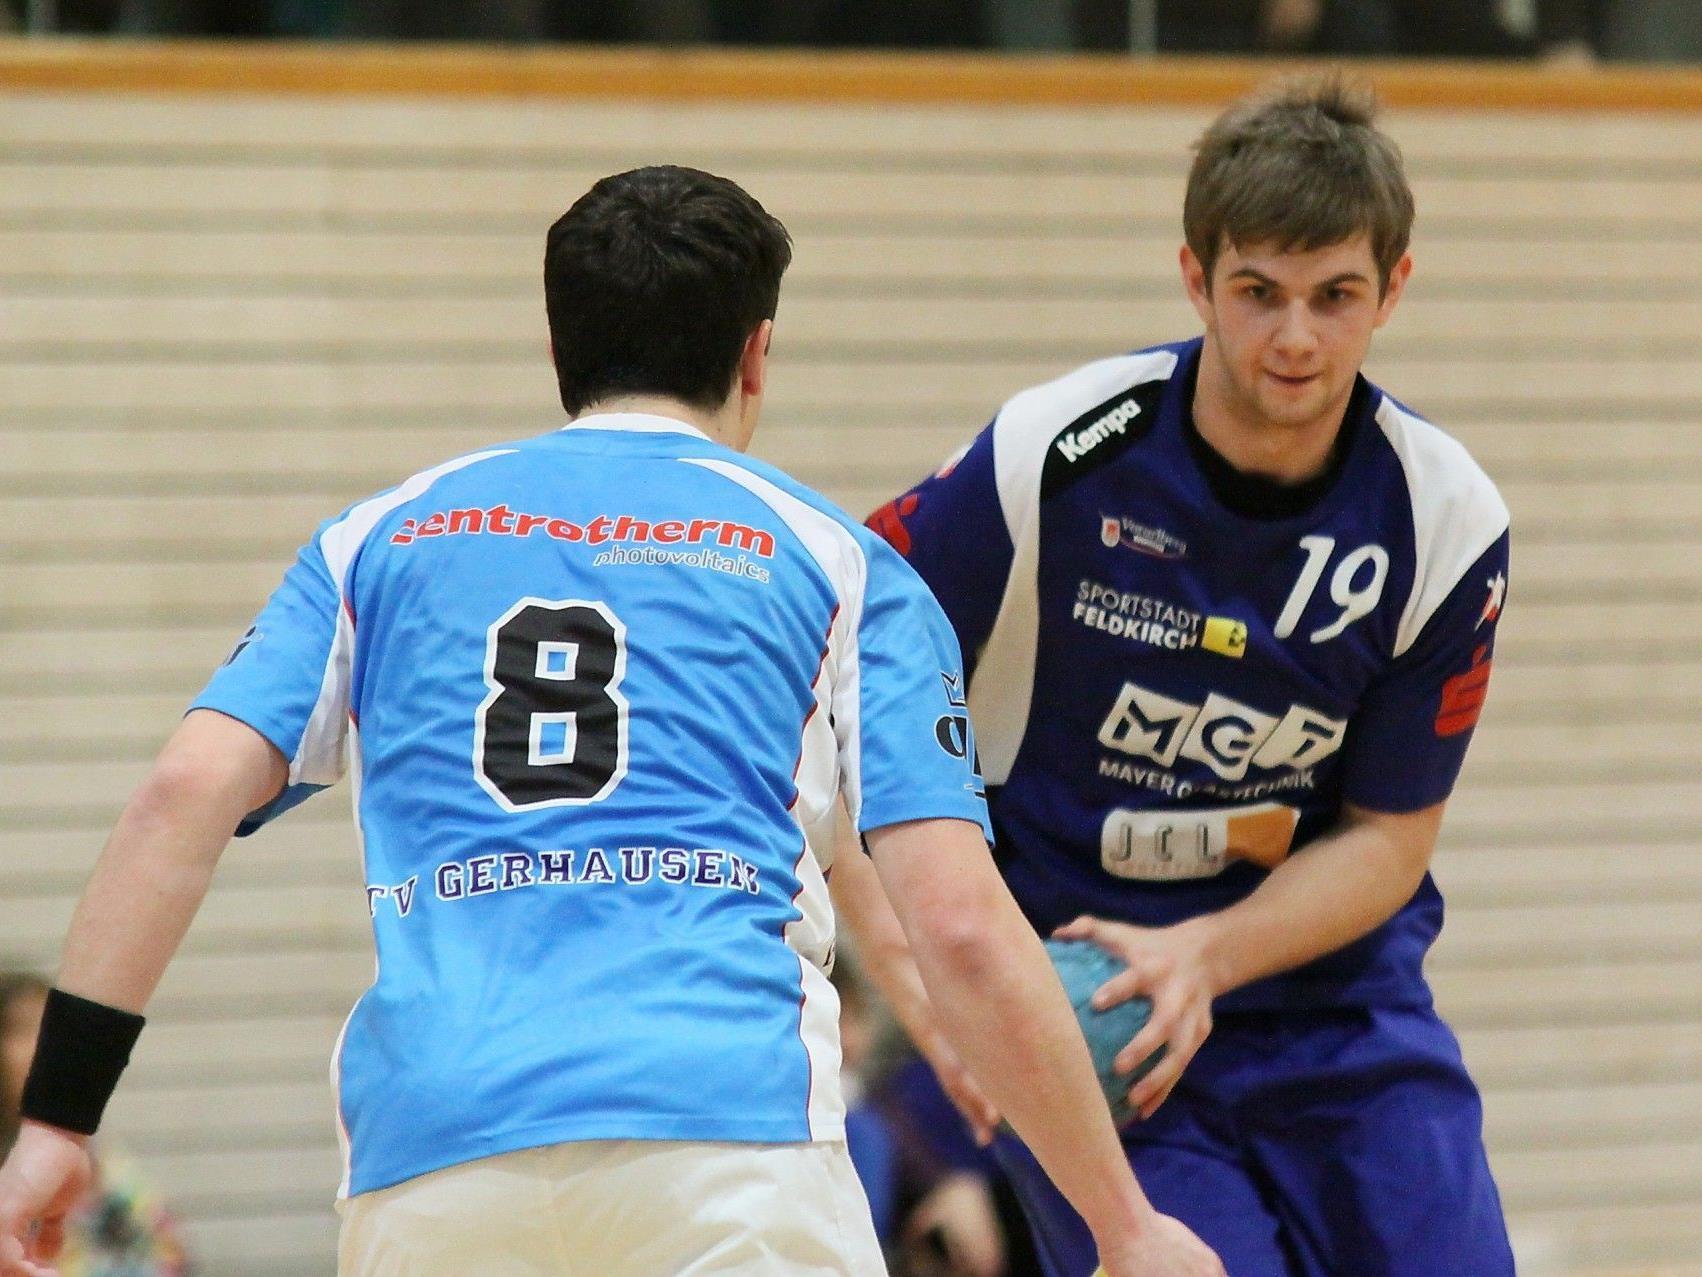 Zwei schwere Gegner innert 24 Stunden wartet auf die Feldkircher Handballer.